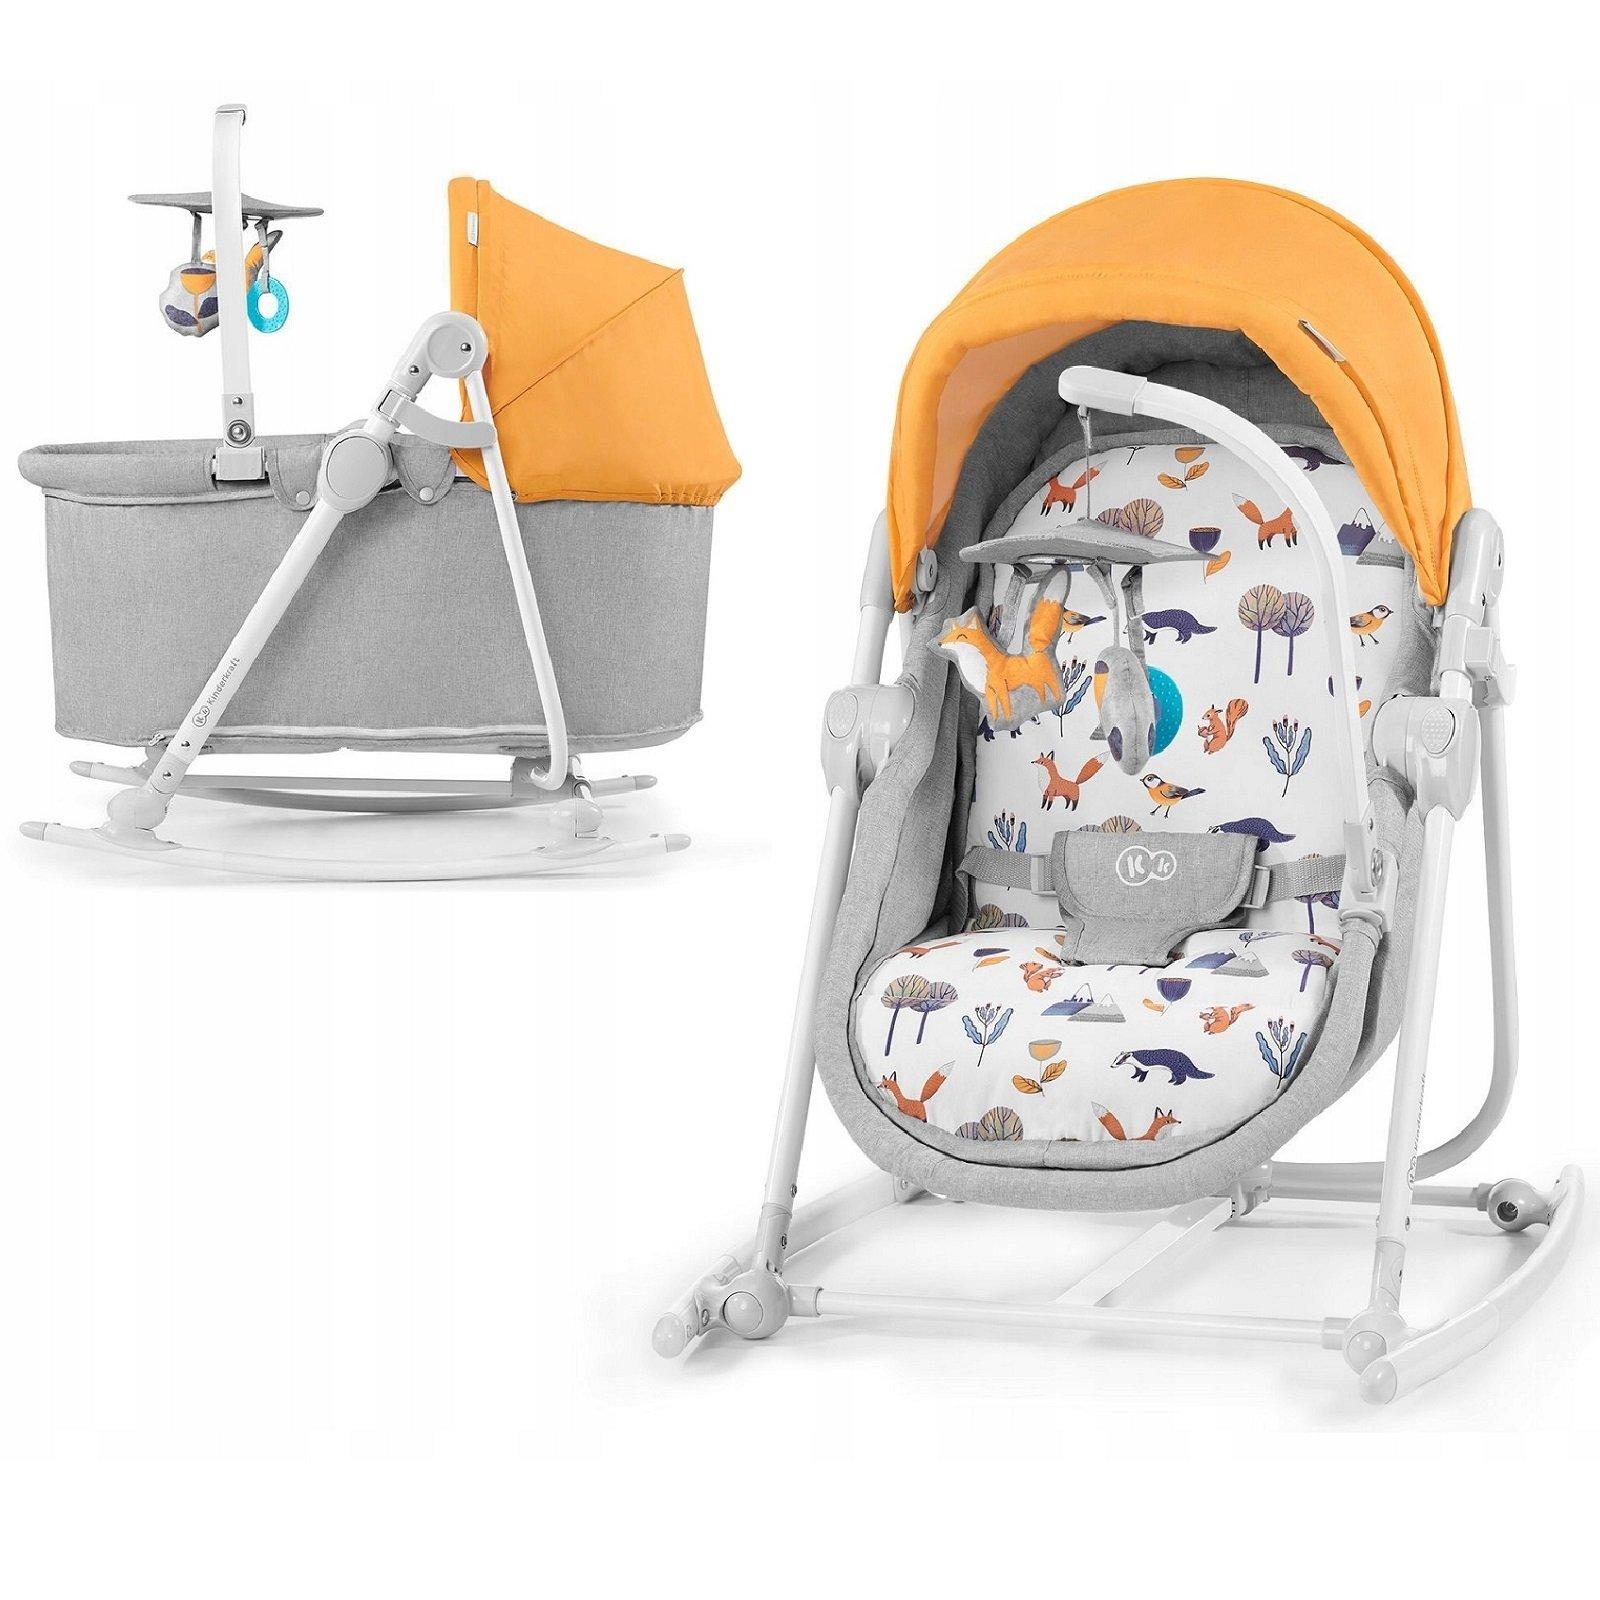 Kinderkraft Unimo 5in1 Forest Yellow Šūpuļkrēsls-gultiņa